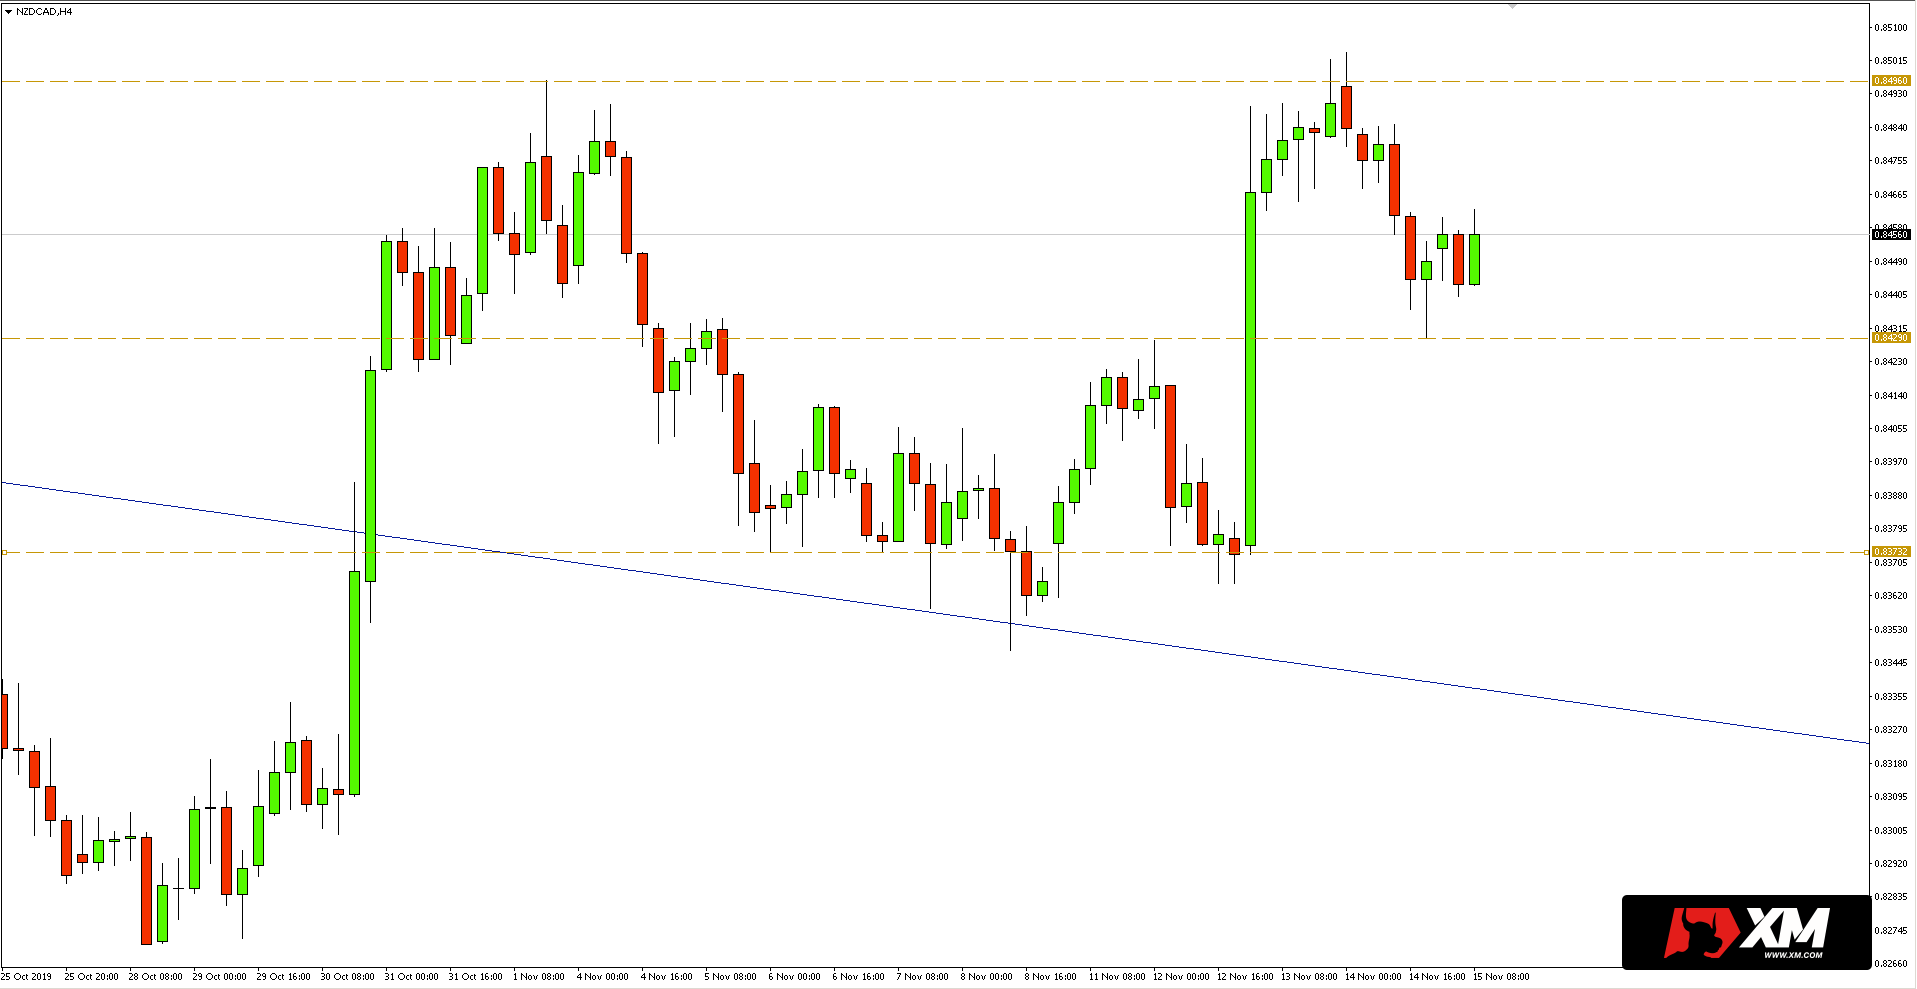 Wykres 4-godzinny pary walutowej NZDCAD - 15.11.2019 r.